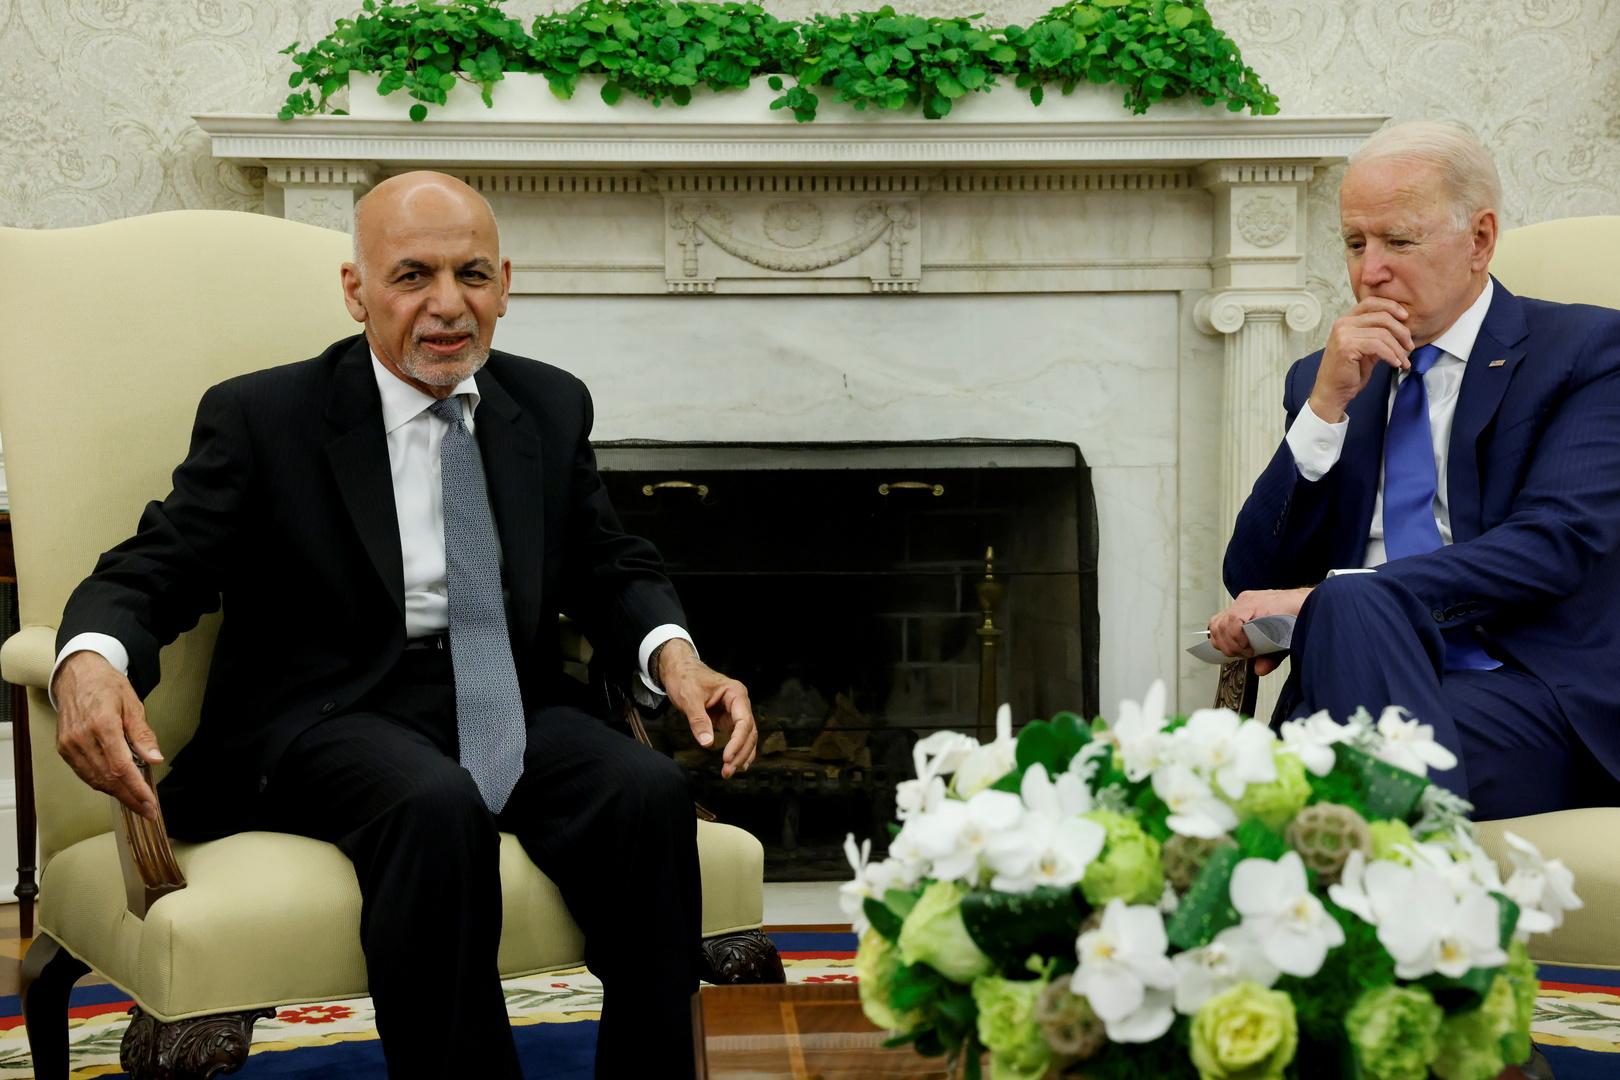 الرئيس الأفغاني أشرف غني يلتقي نظيره الأمريكي جو بايدن في البيت الأبيض